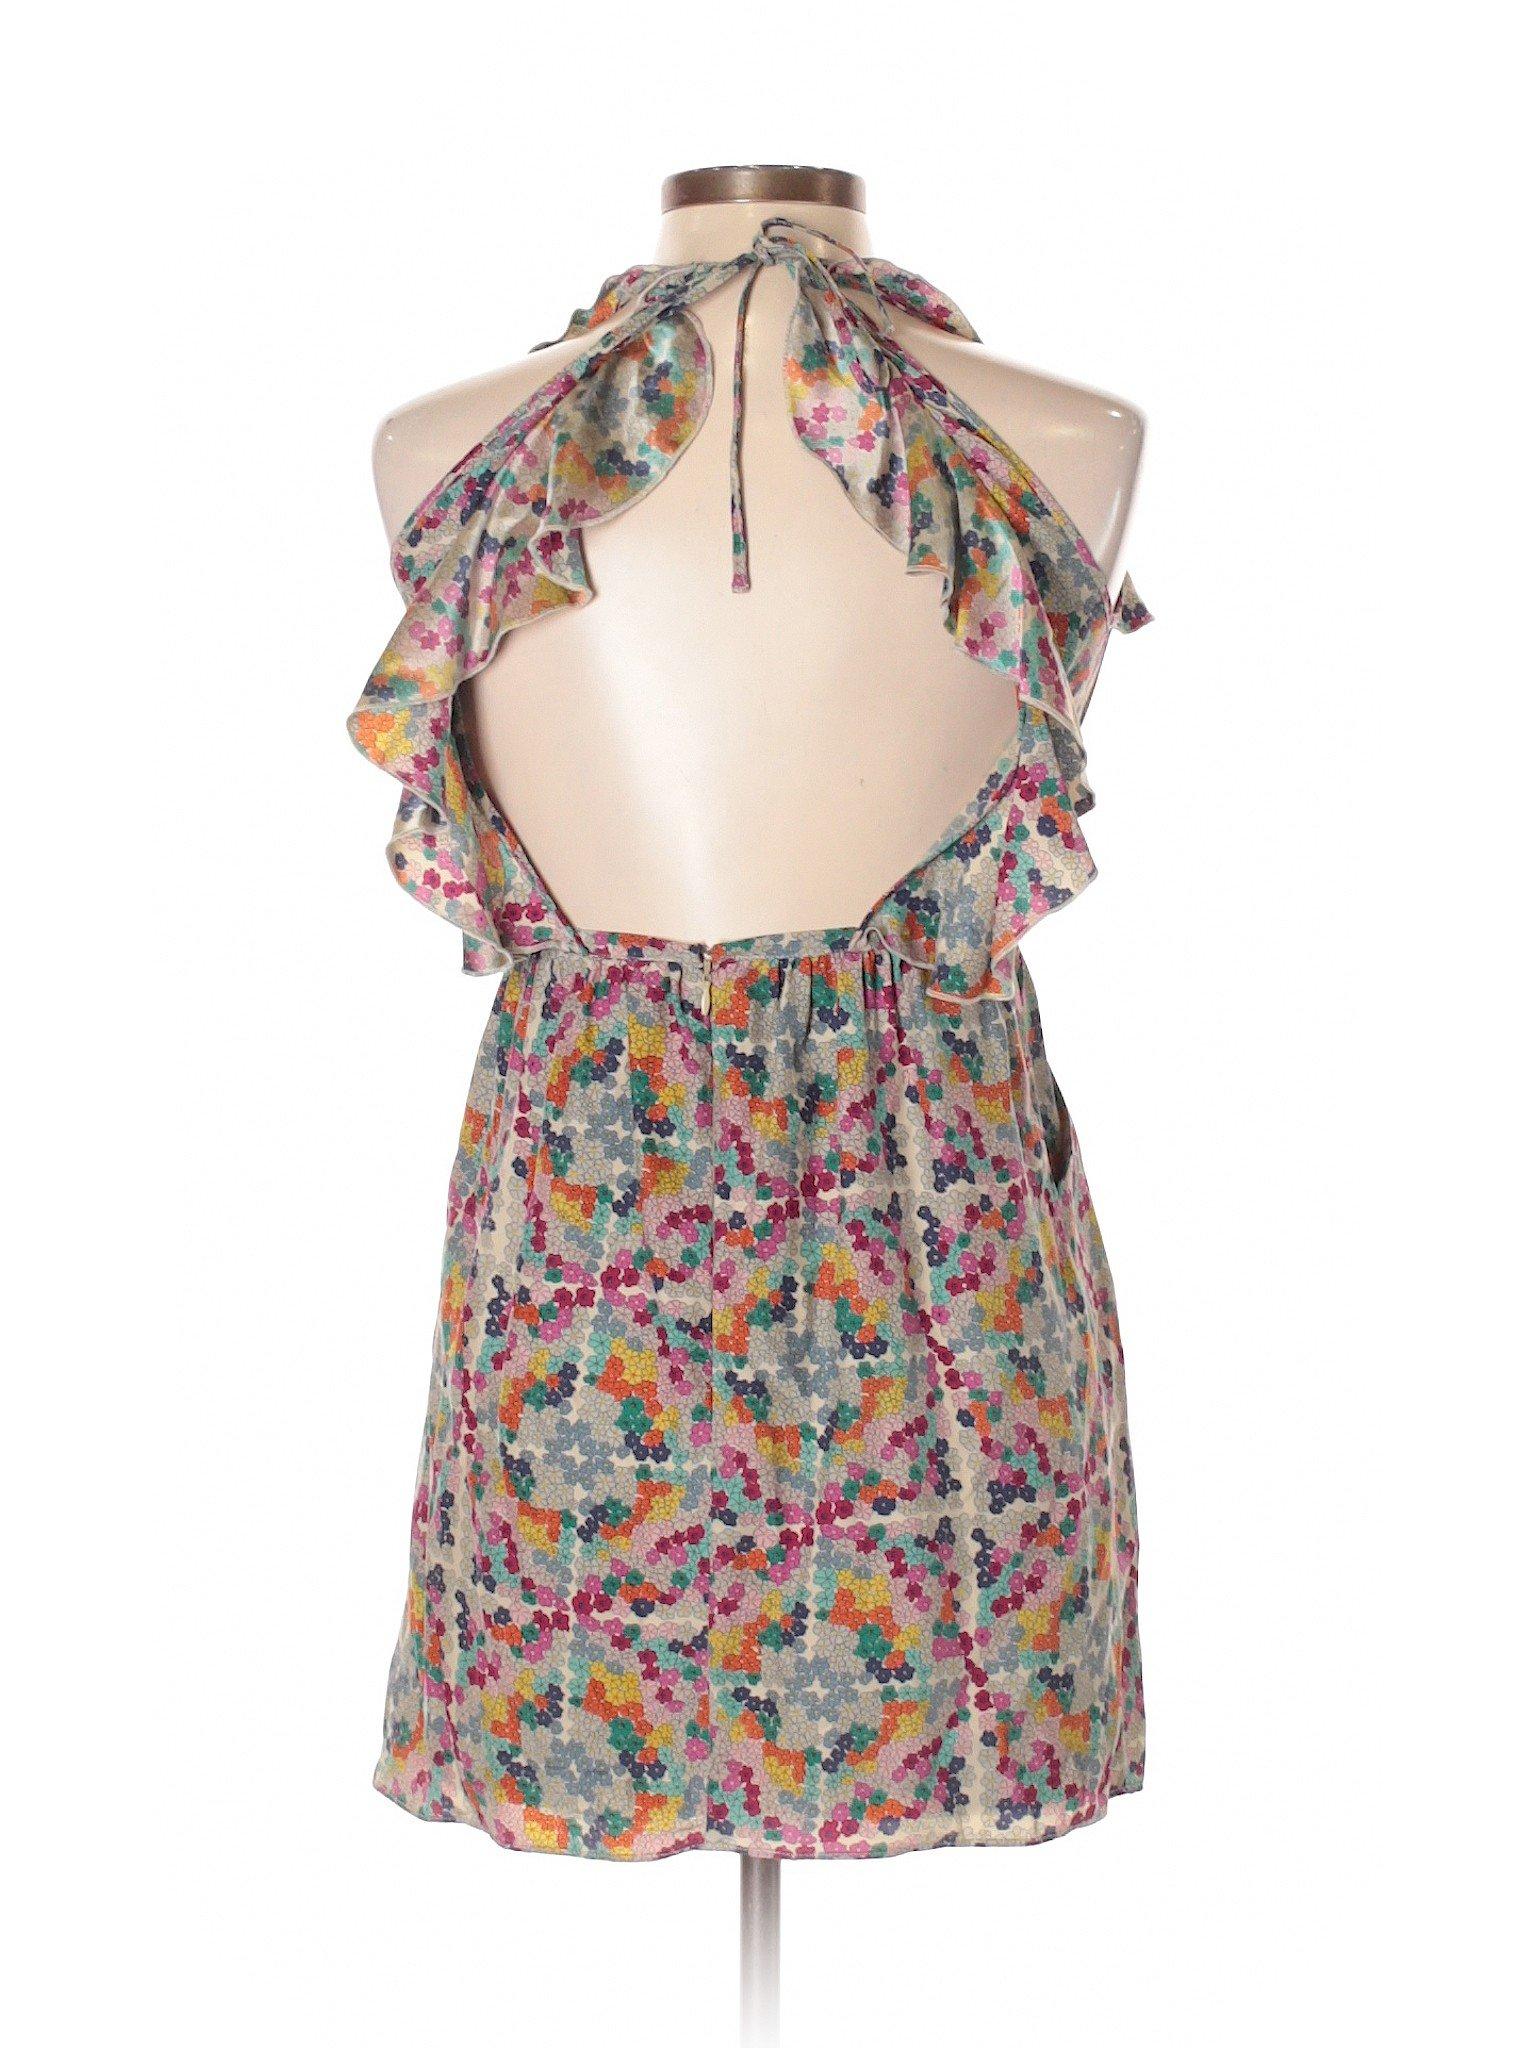 Boutique winter Casual winter Dress Parker Boutique Parker fRWqn7Pf